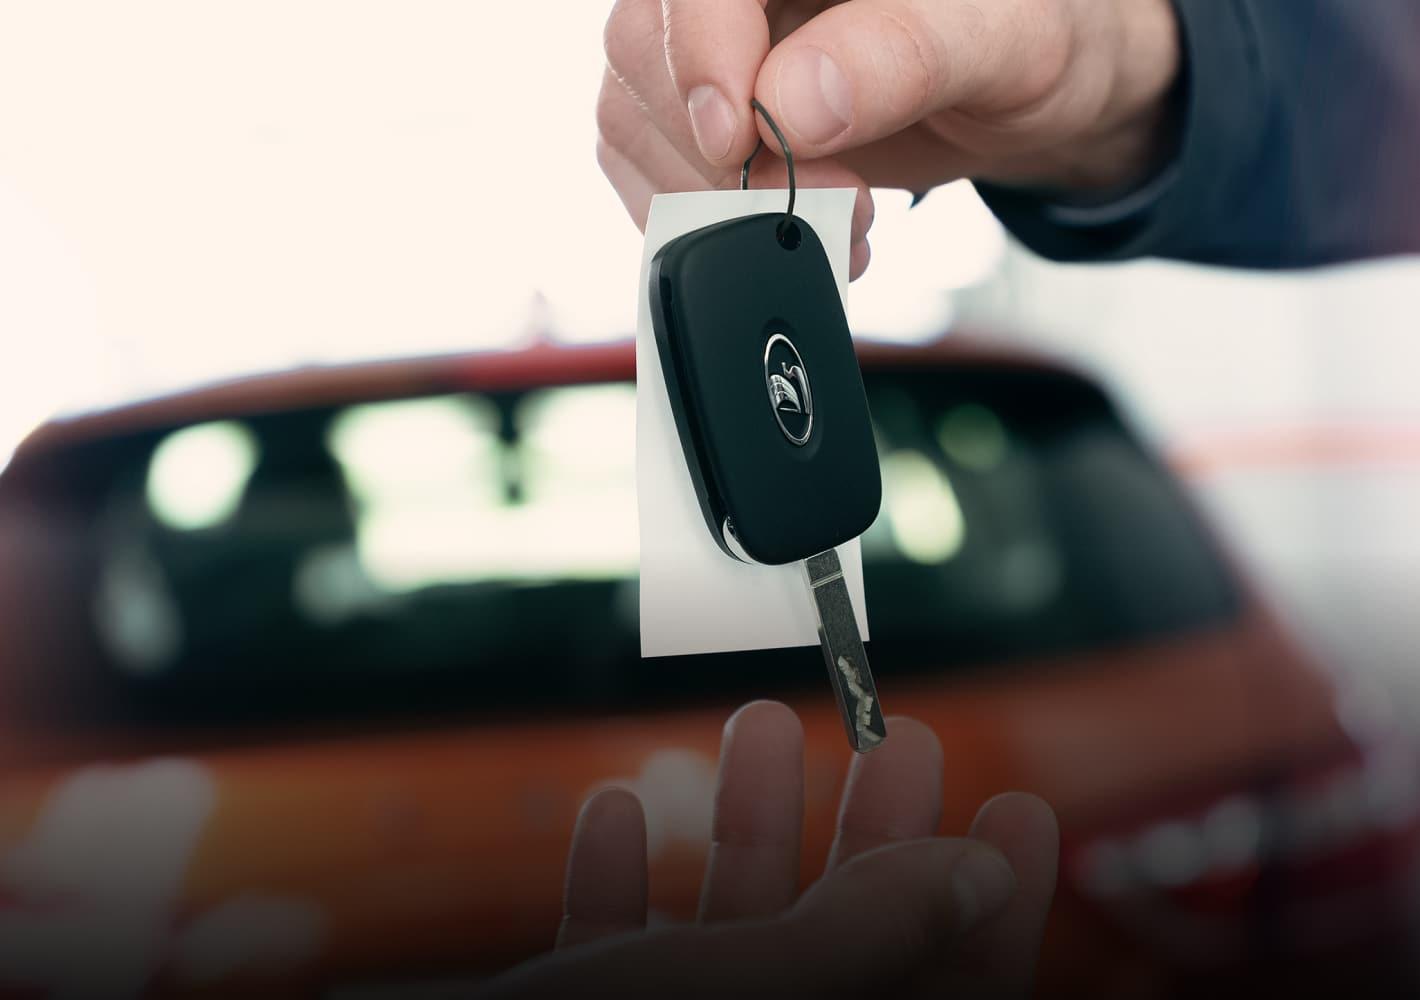 ТО для автомобилей старше 5-ти лет cо скидкой 30% в сентябре